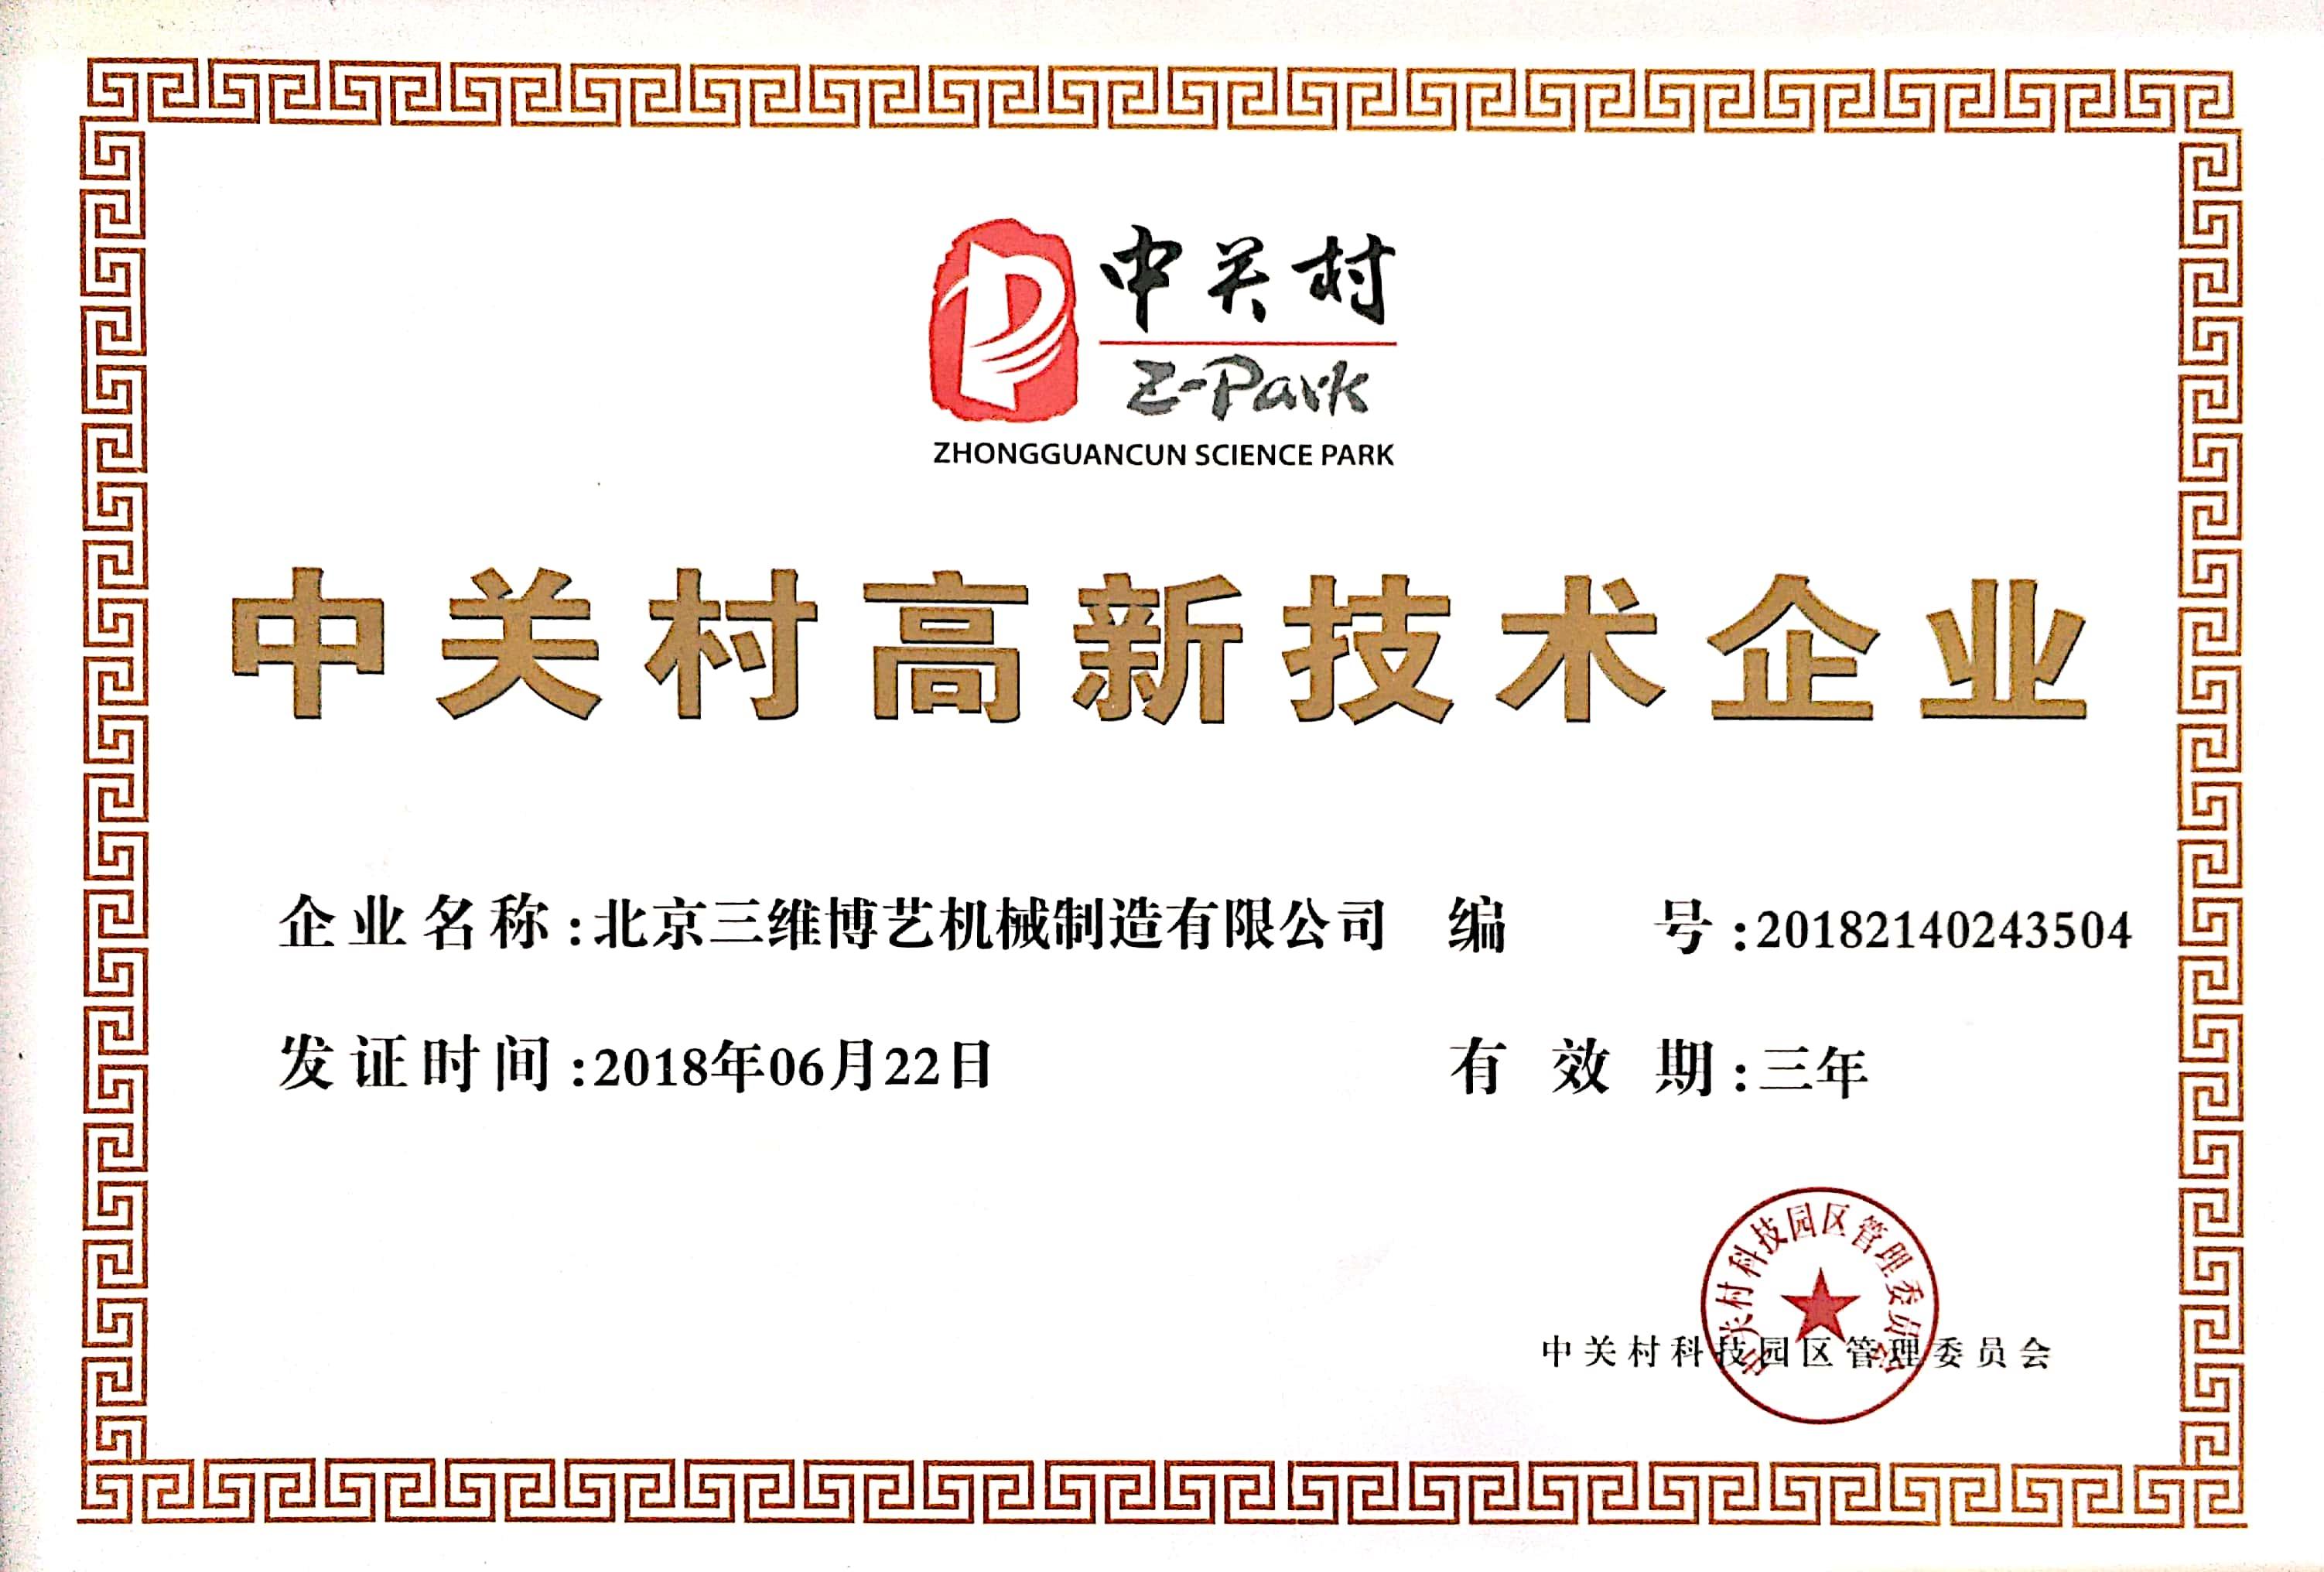 中观村高新技术企业